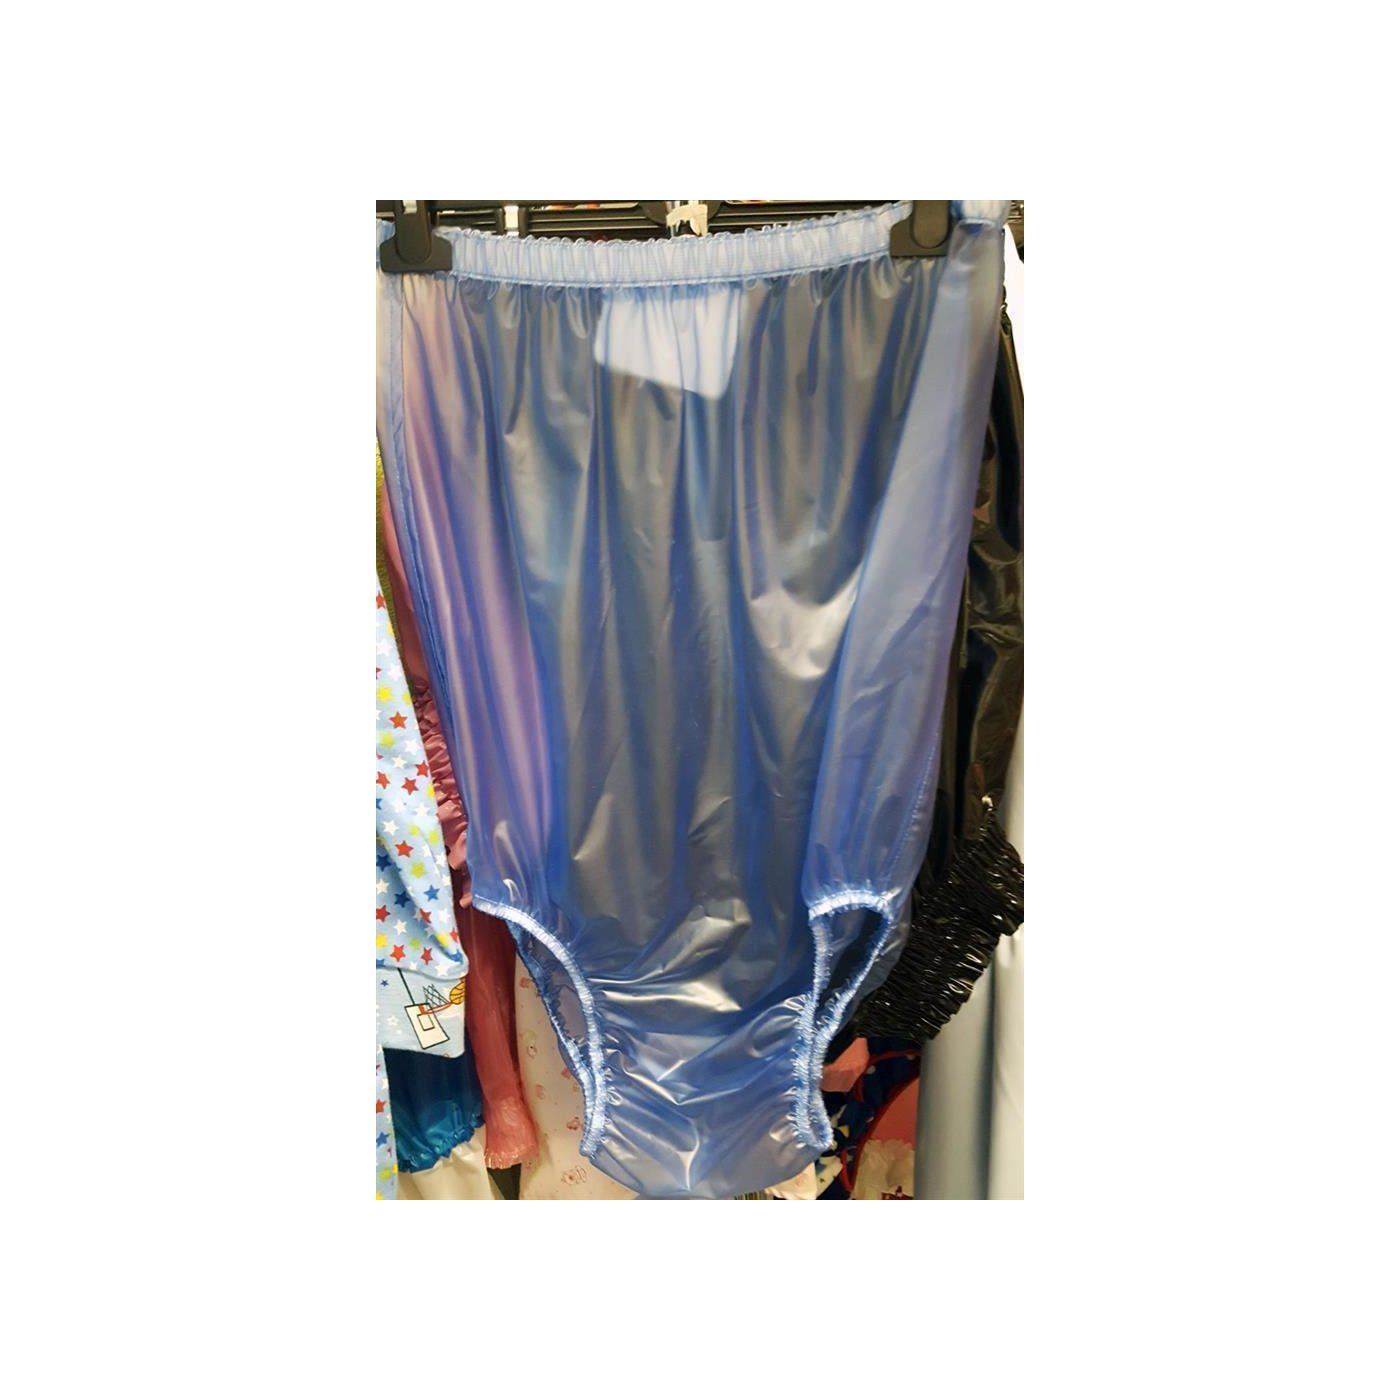 AB175 Schlupfhose extra hoch HELLBLAU XL, 29,00 €  Adult